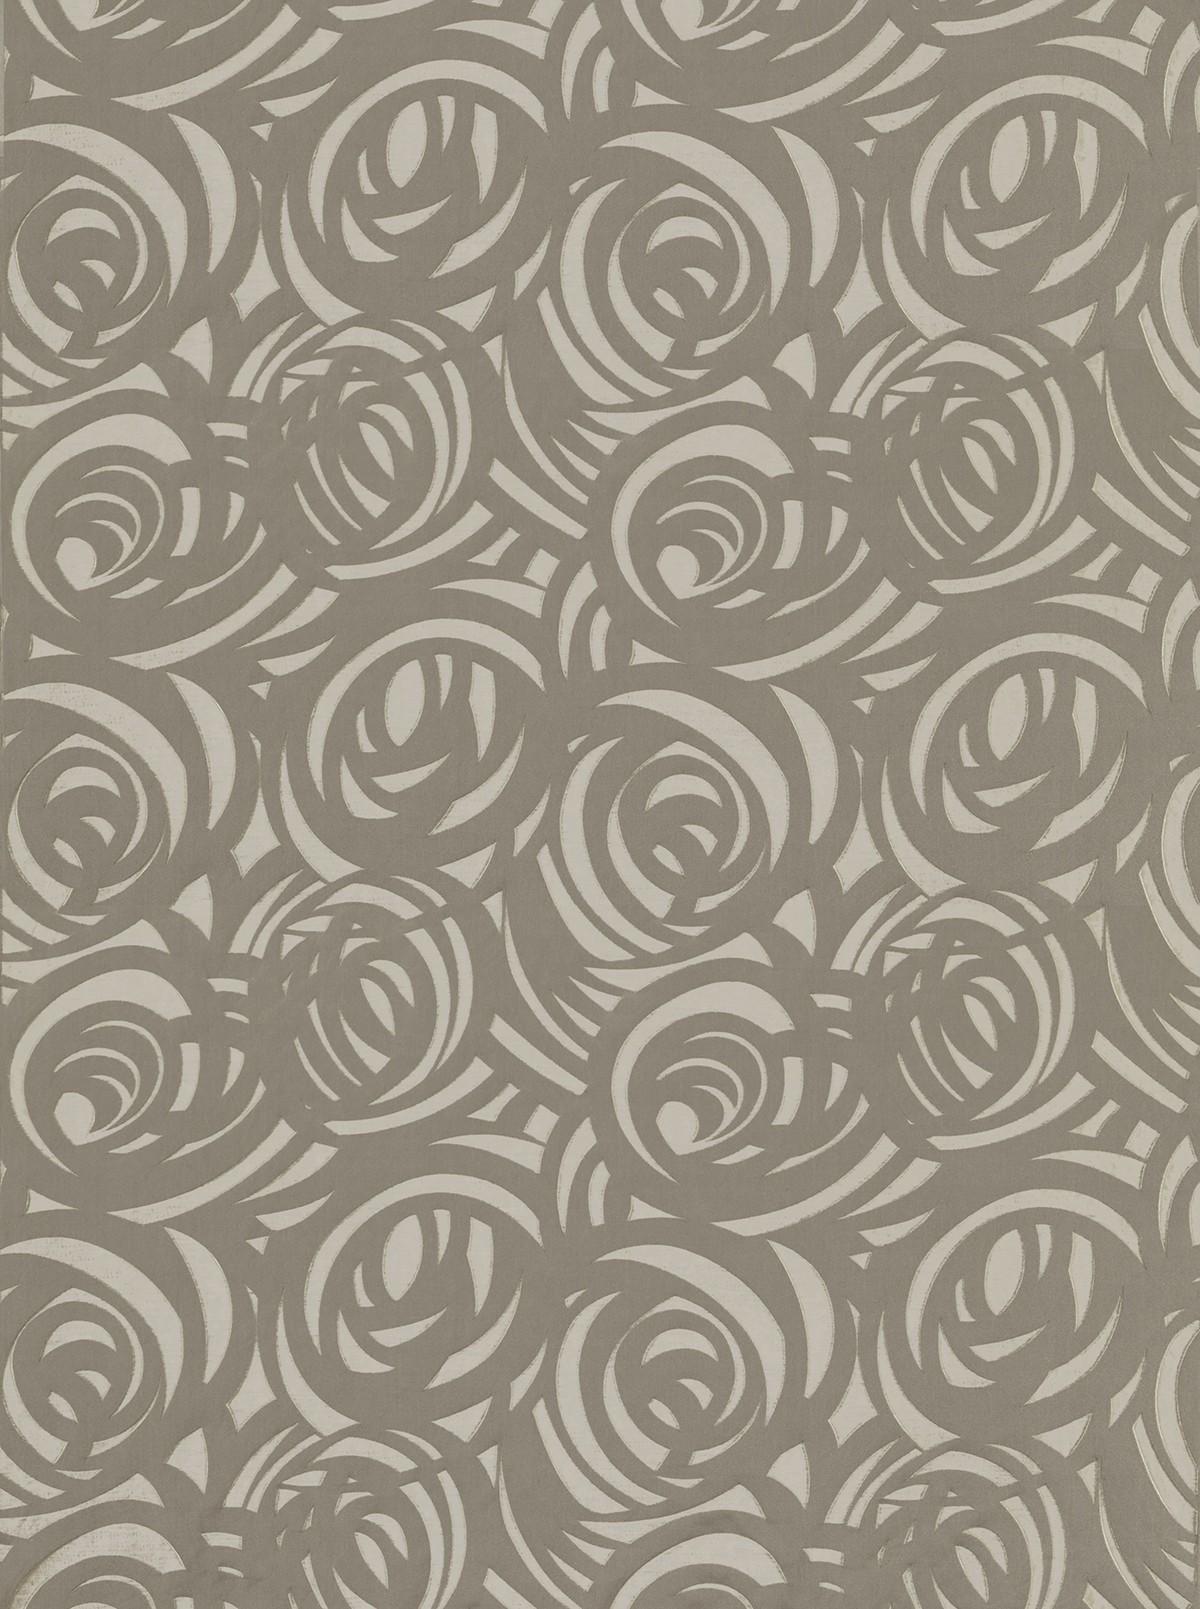 Vortex by Harlequin Wallpaper Direct 1200x1609